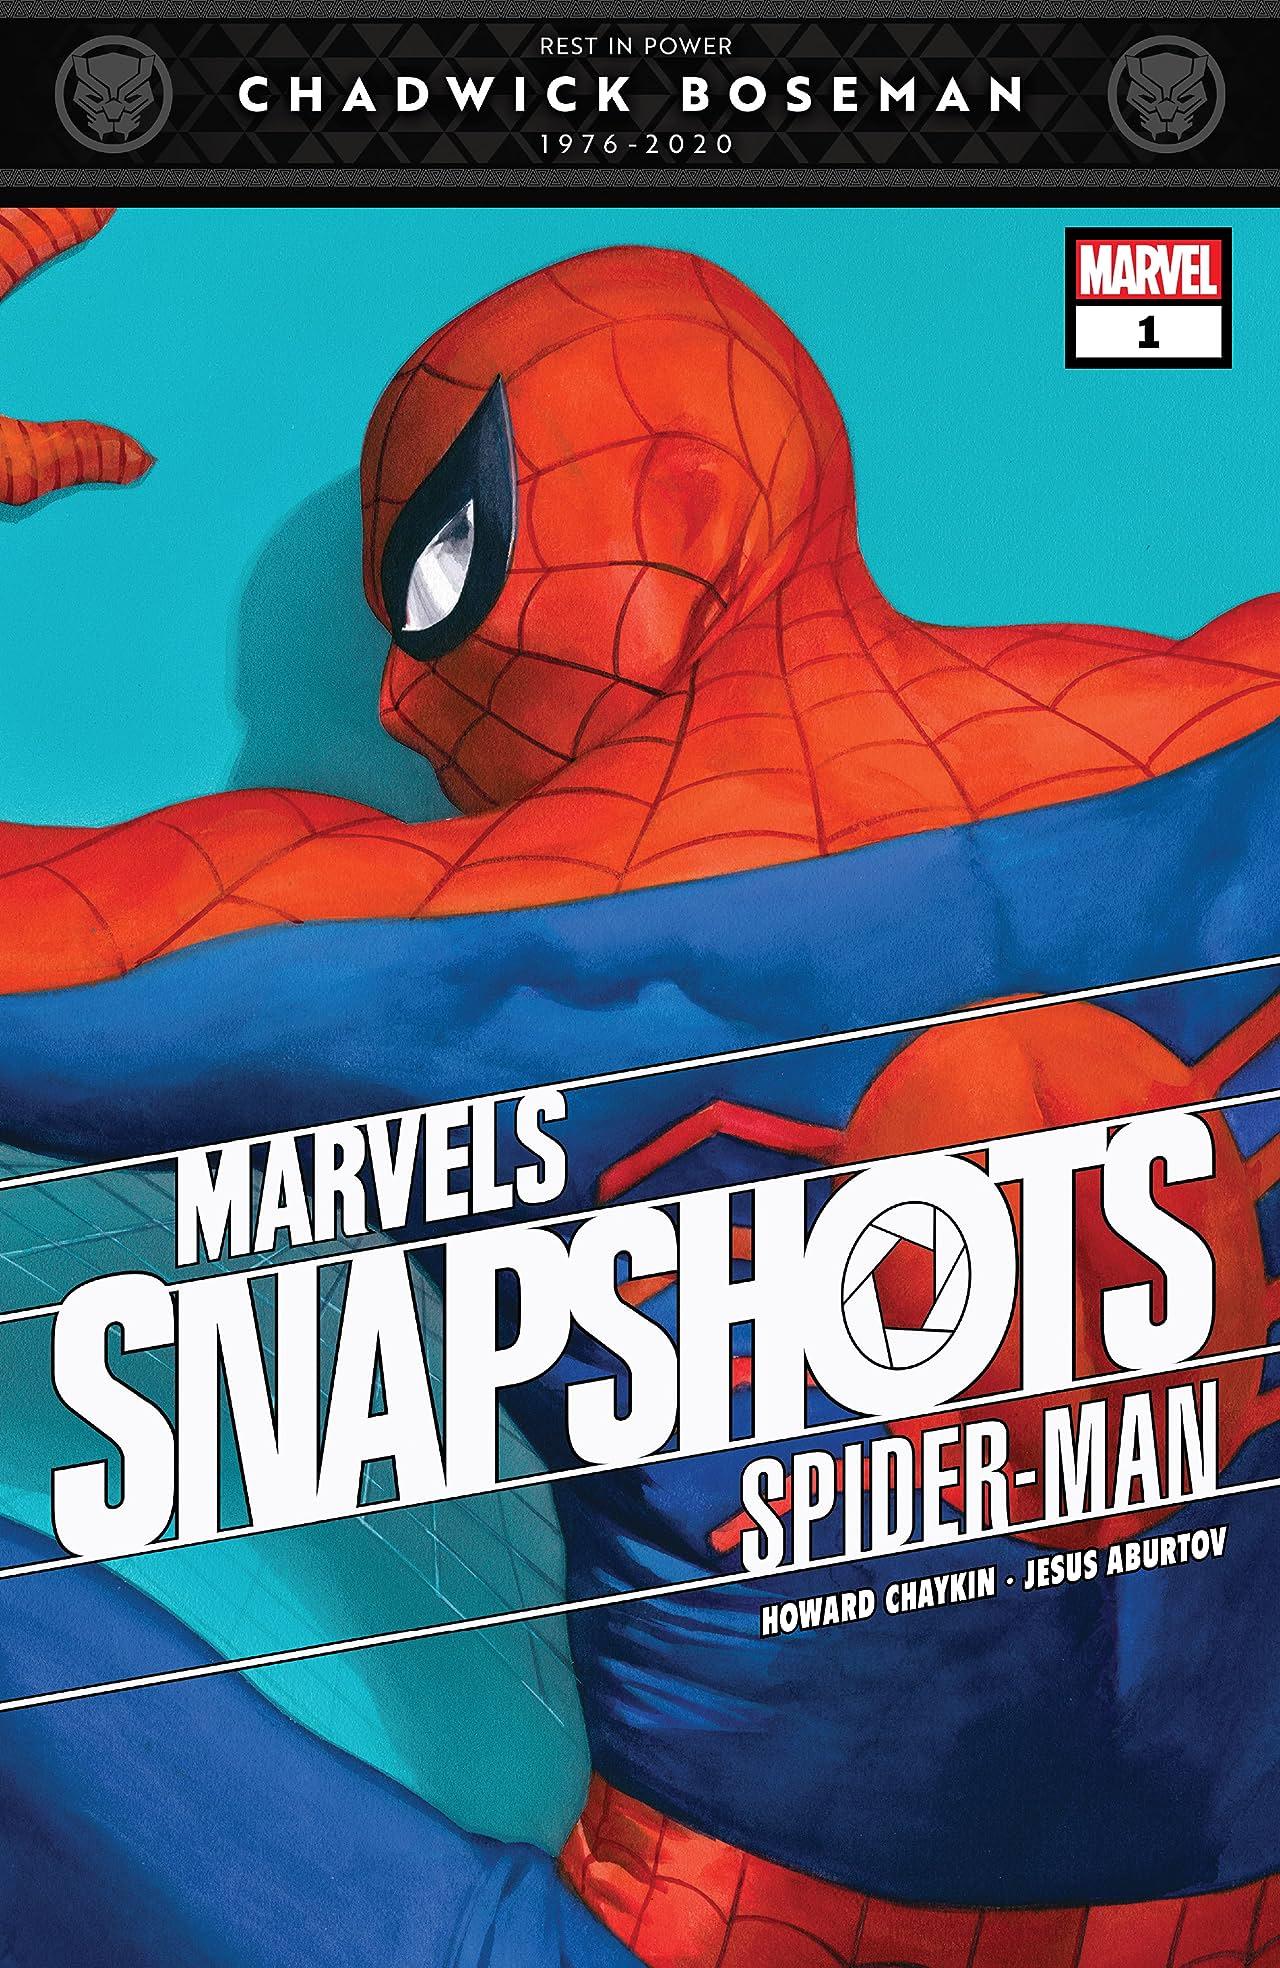 Spider-Man: Marvels Snapshot (2020) No.1